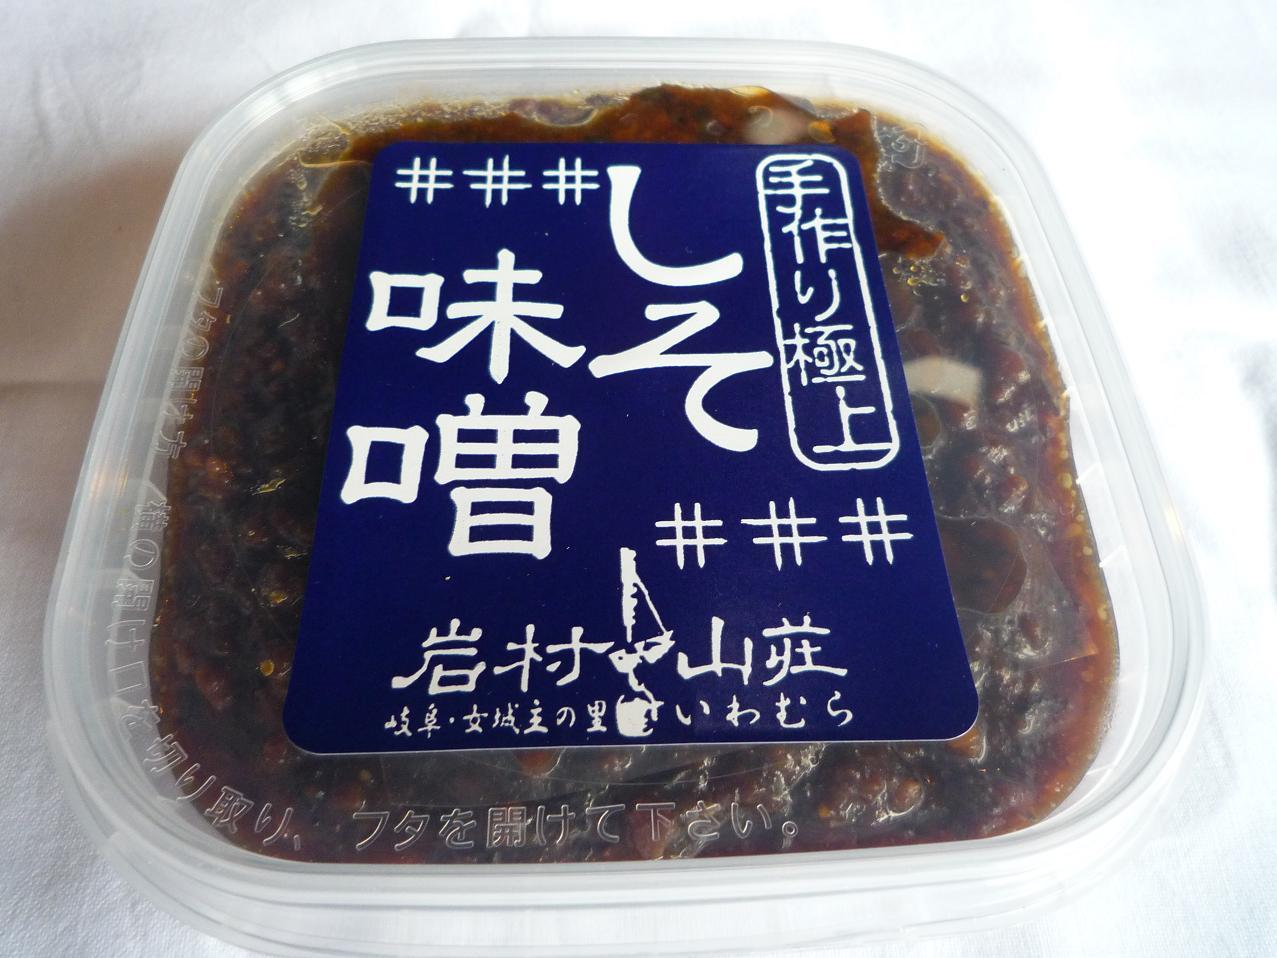 岩村山荘オリジナルの手作り極上 「しそ味噌 」